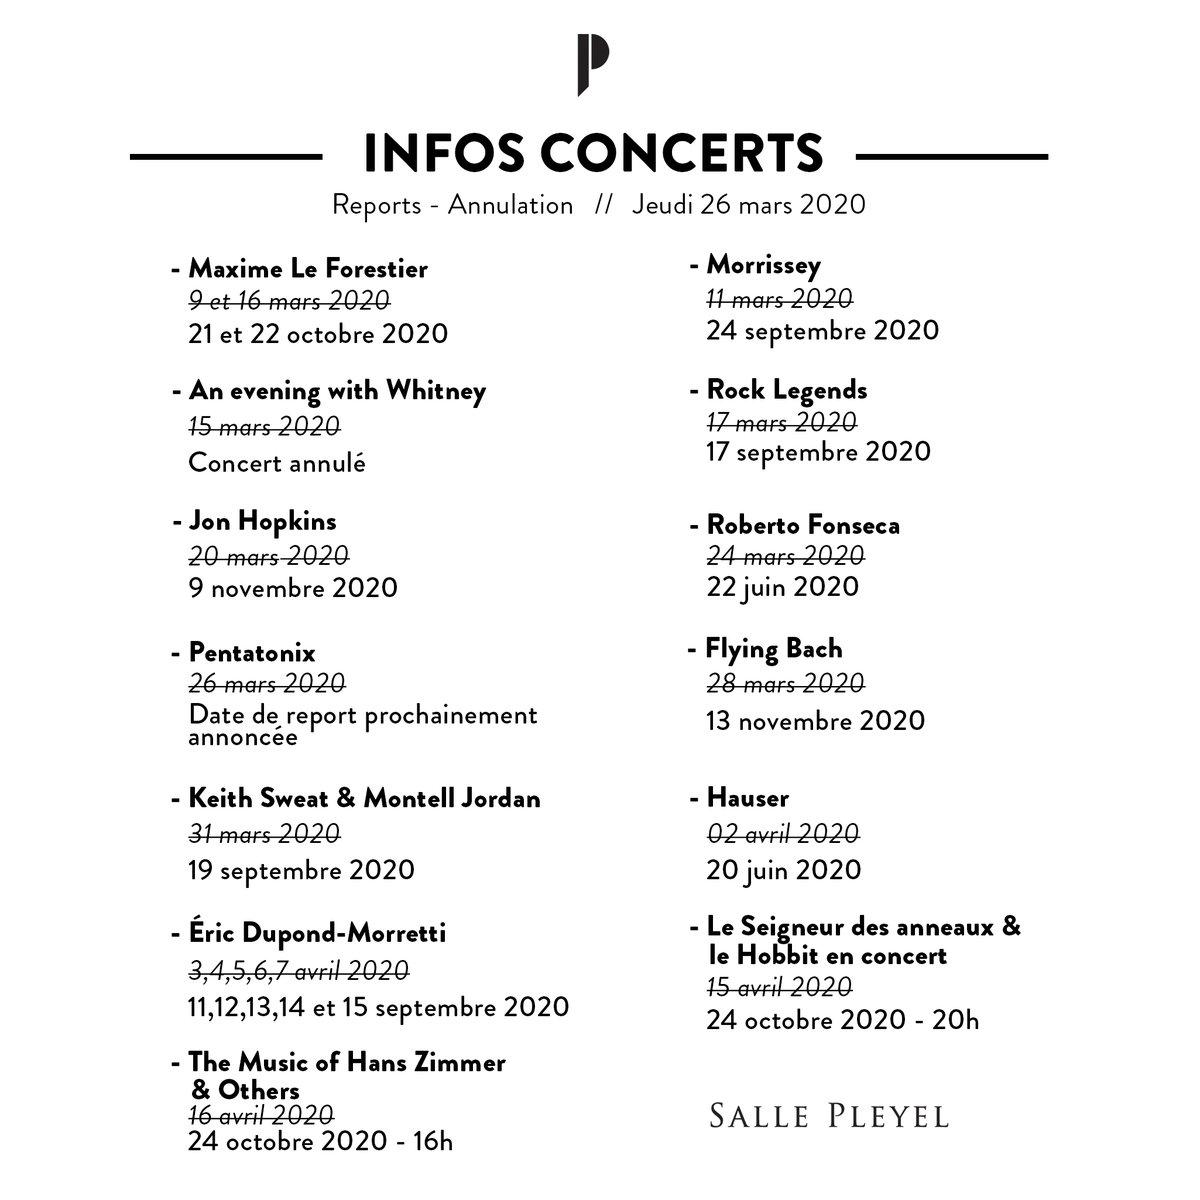 ⚠️ INFOS CONCERTS ⚠️ - MISE À JOUR 26/03/20 Retrouvez toutes les informations concernant les reports/annulations des concerts prévus à la Salle Pleyel jusqu'au 16 avril 2020. Nous vous tiendrons infor